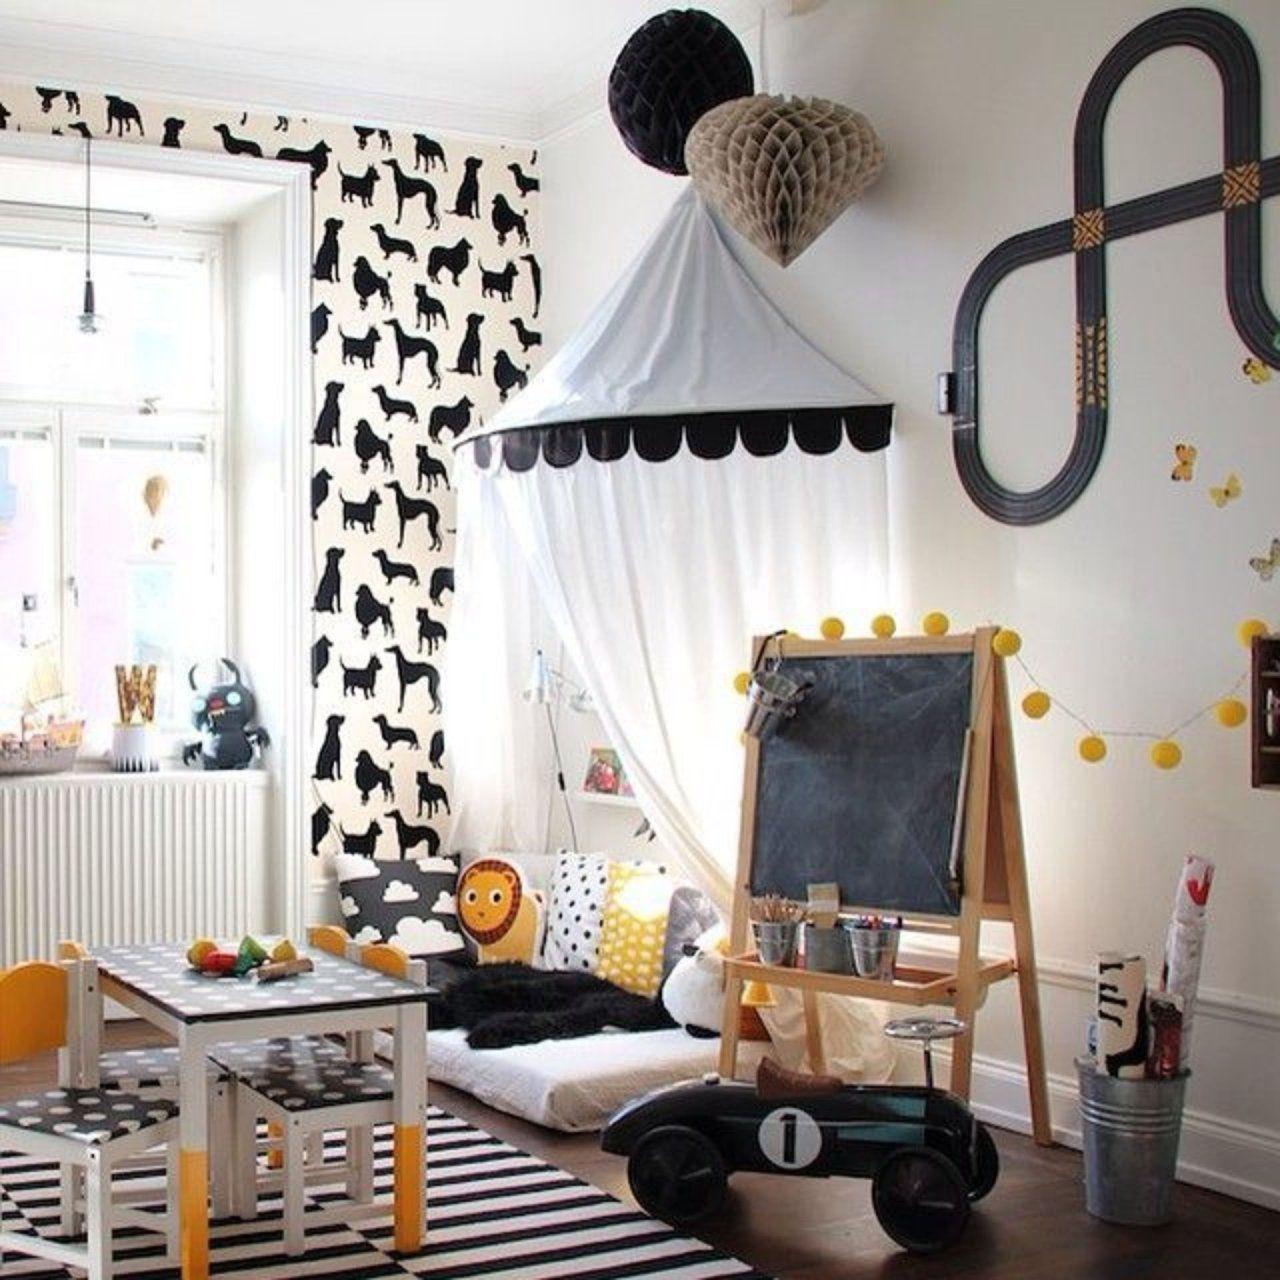 Idee Salle De Jeux Bebe salles de jeux enfant : 10 idées déco originales | deco